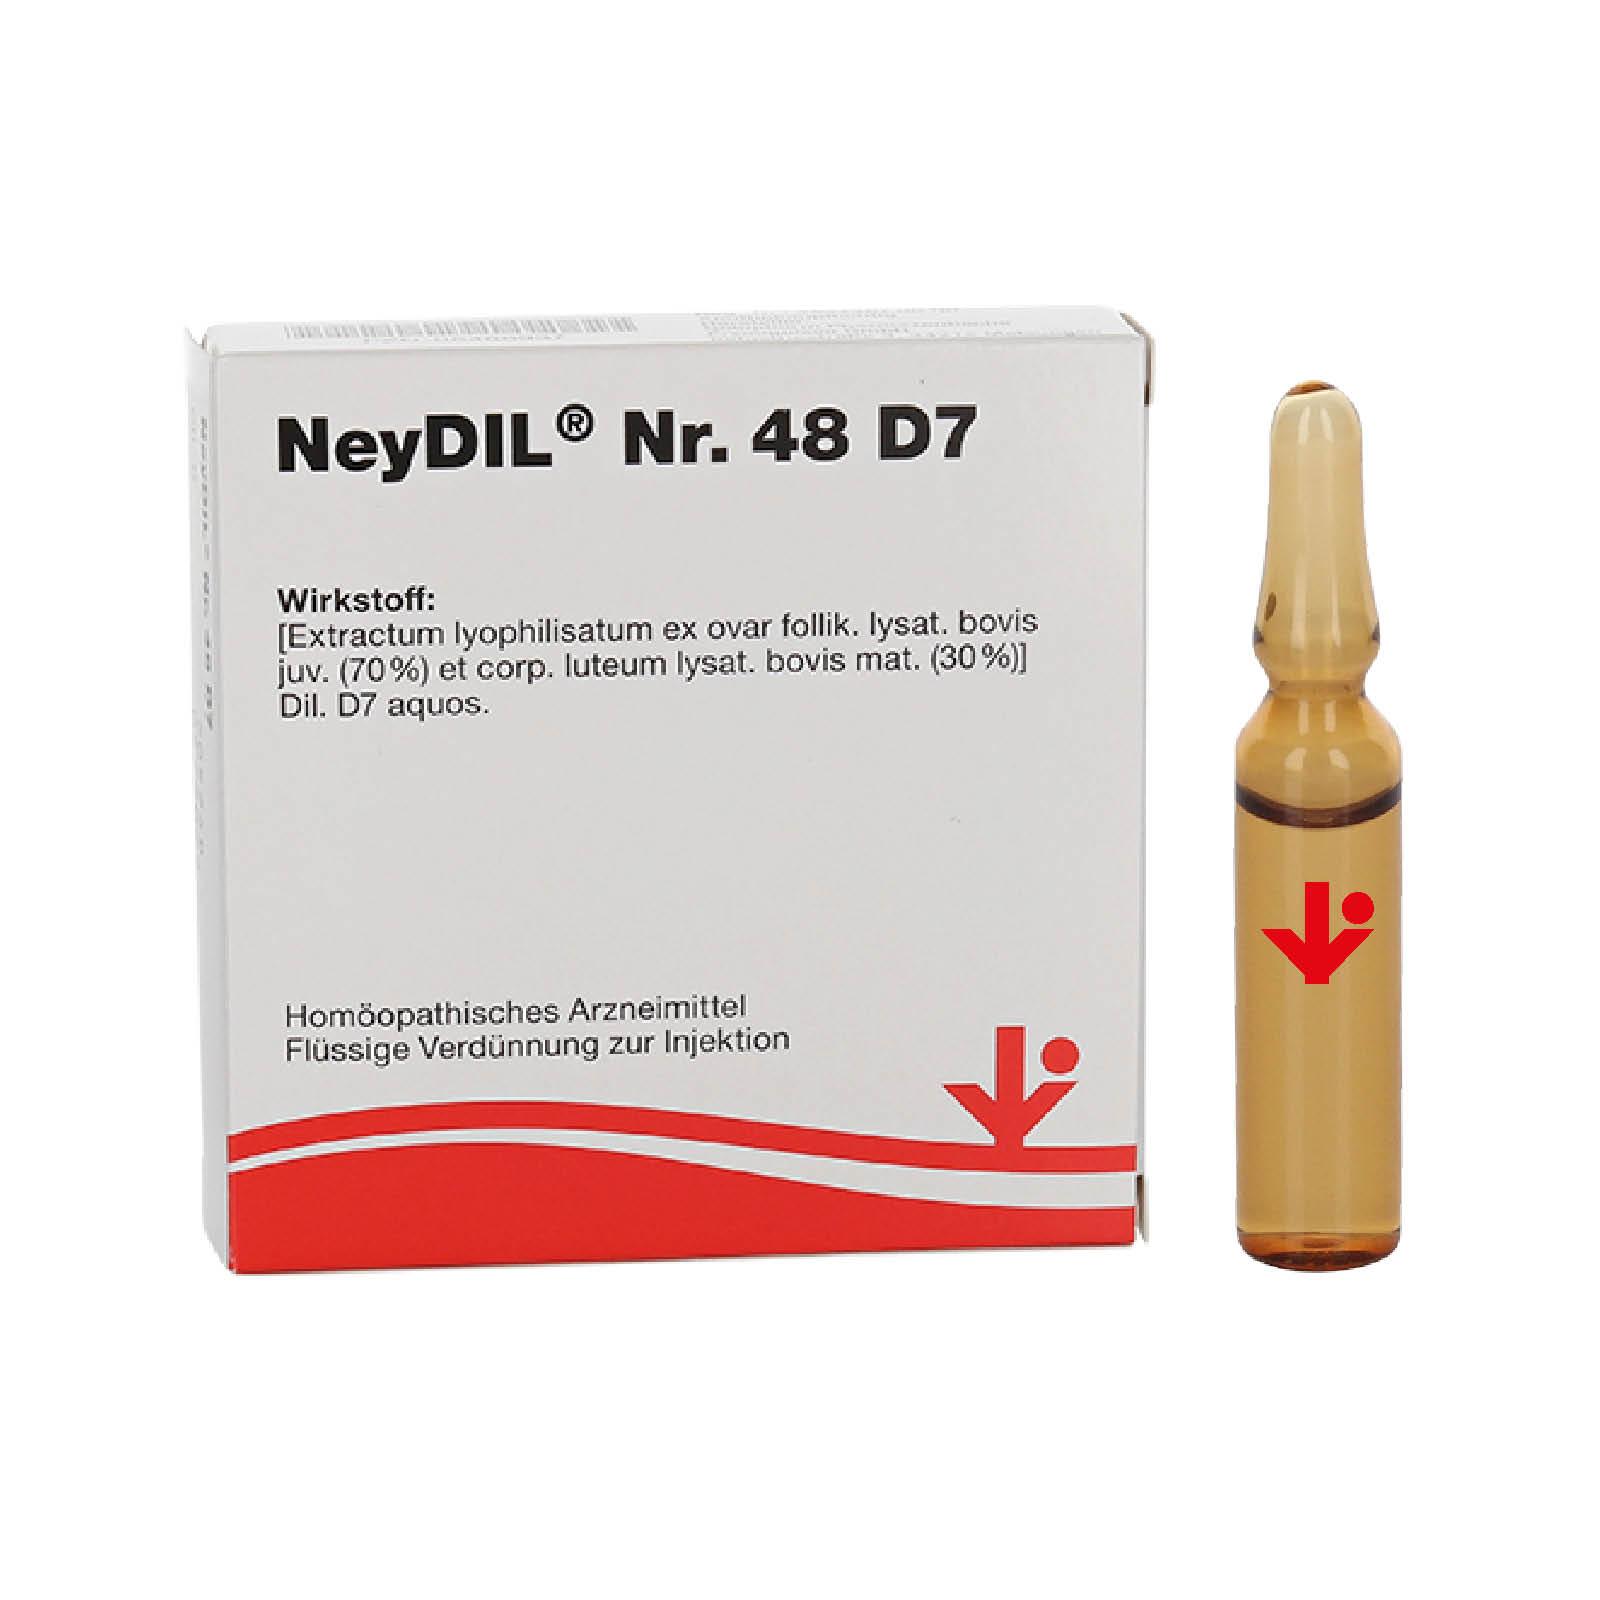 NeyDIL® Nr. 48 D7